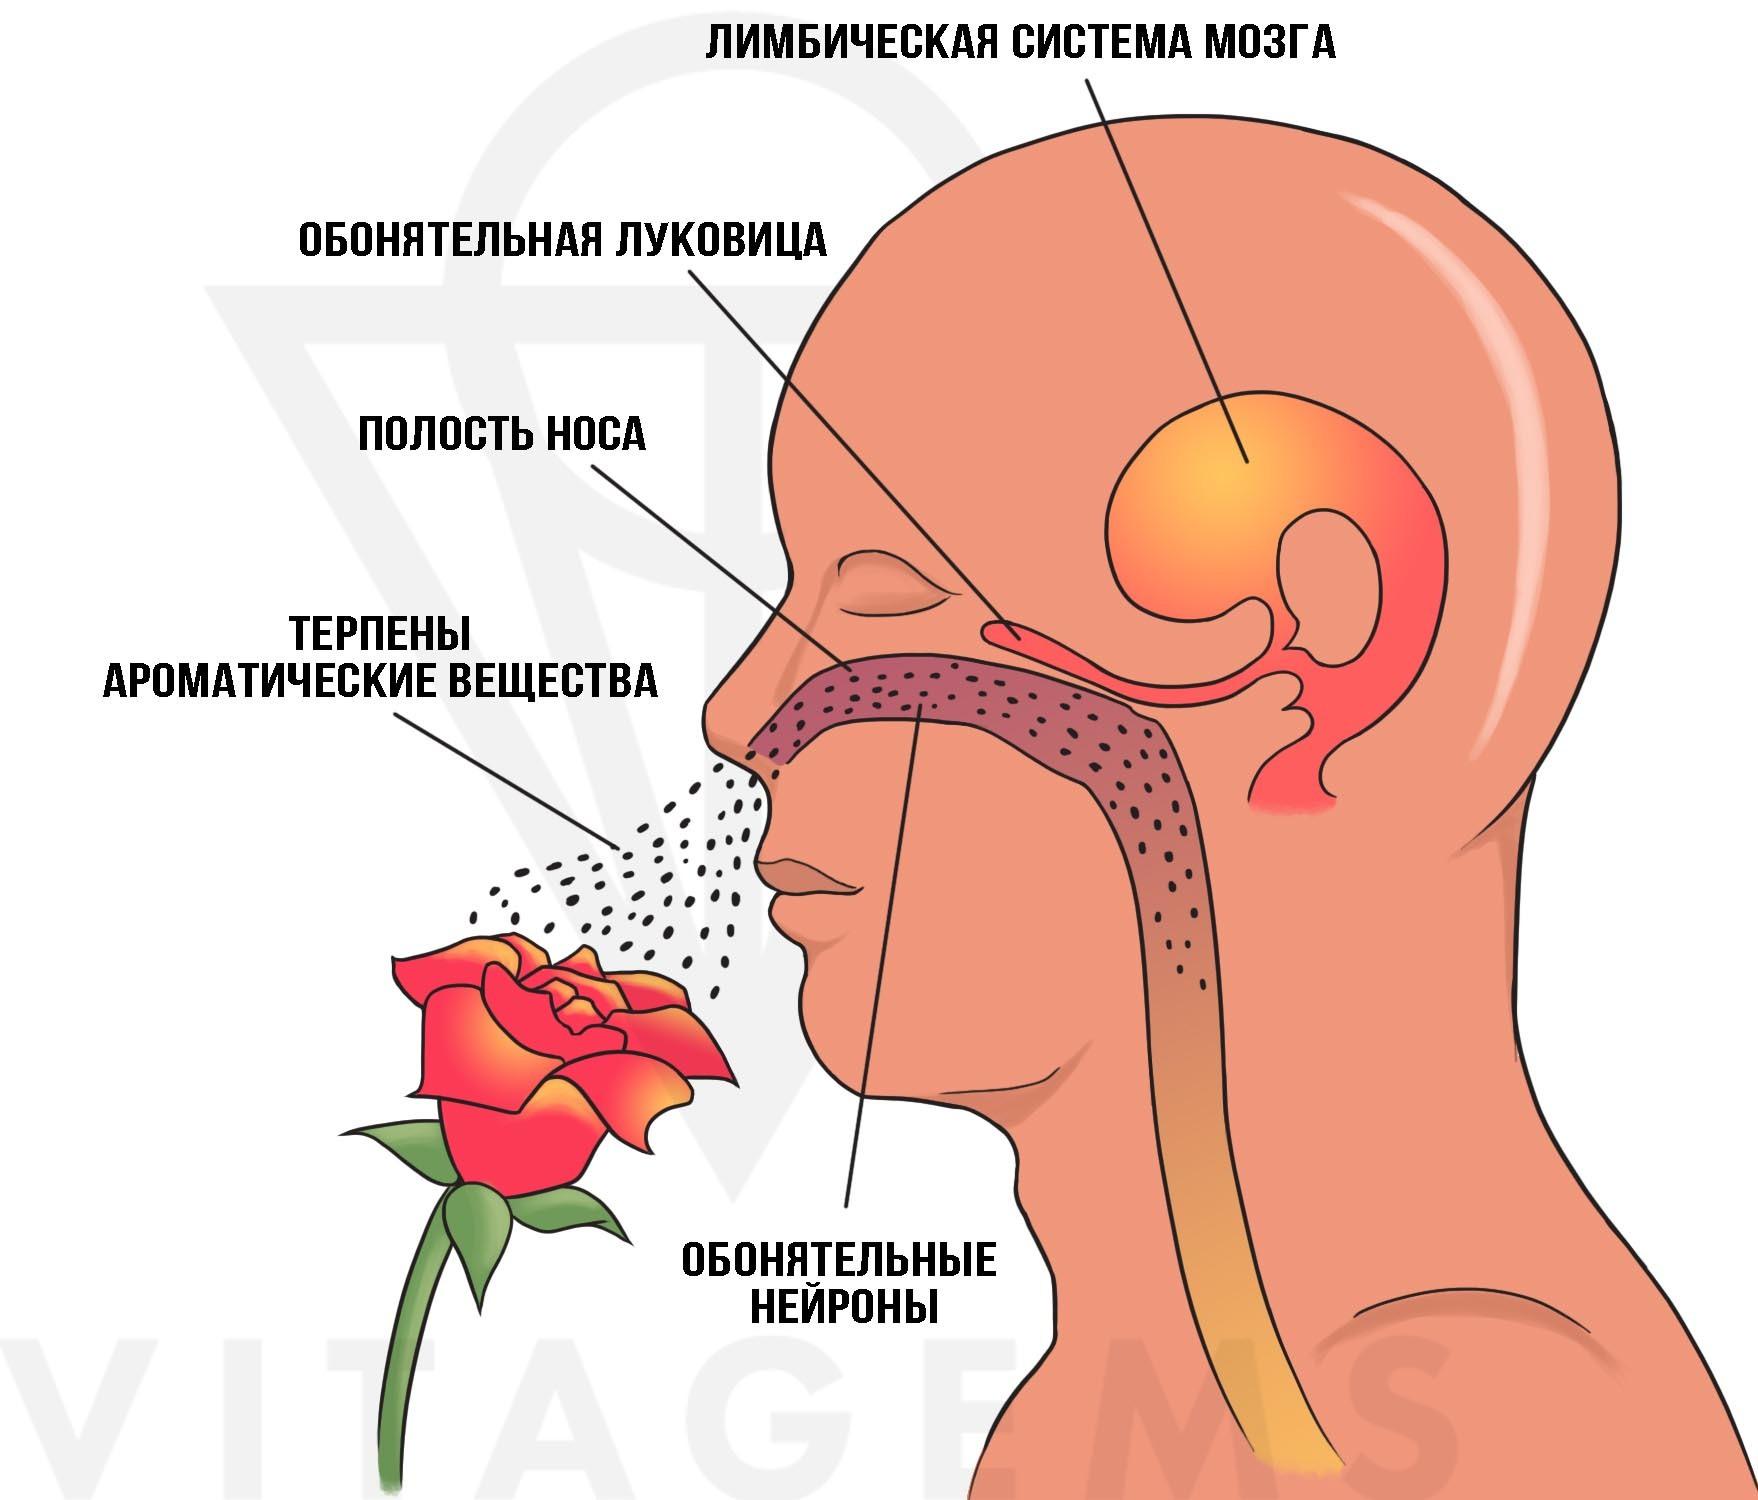 Как воздействуют эфирные масла на мозг и организм человека.